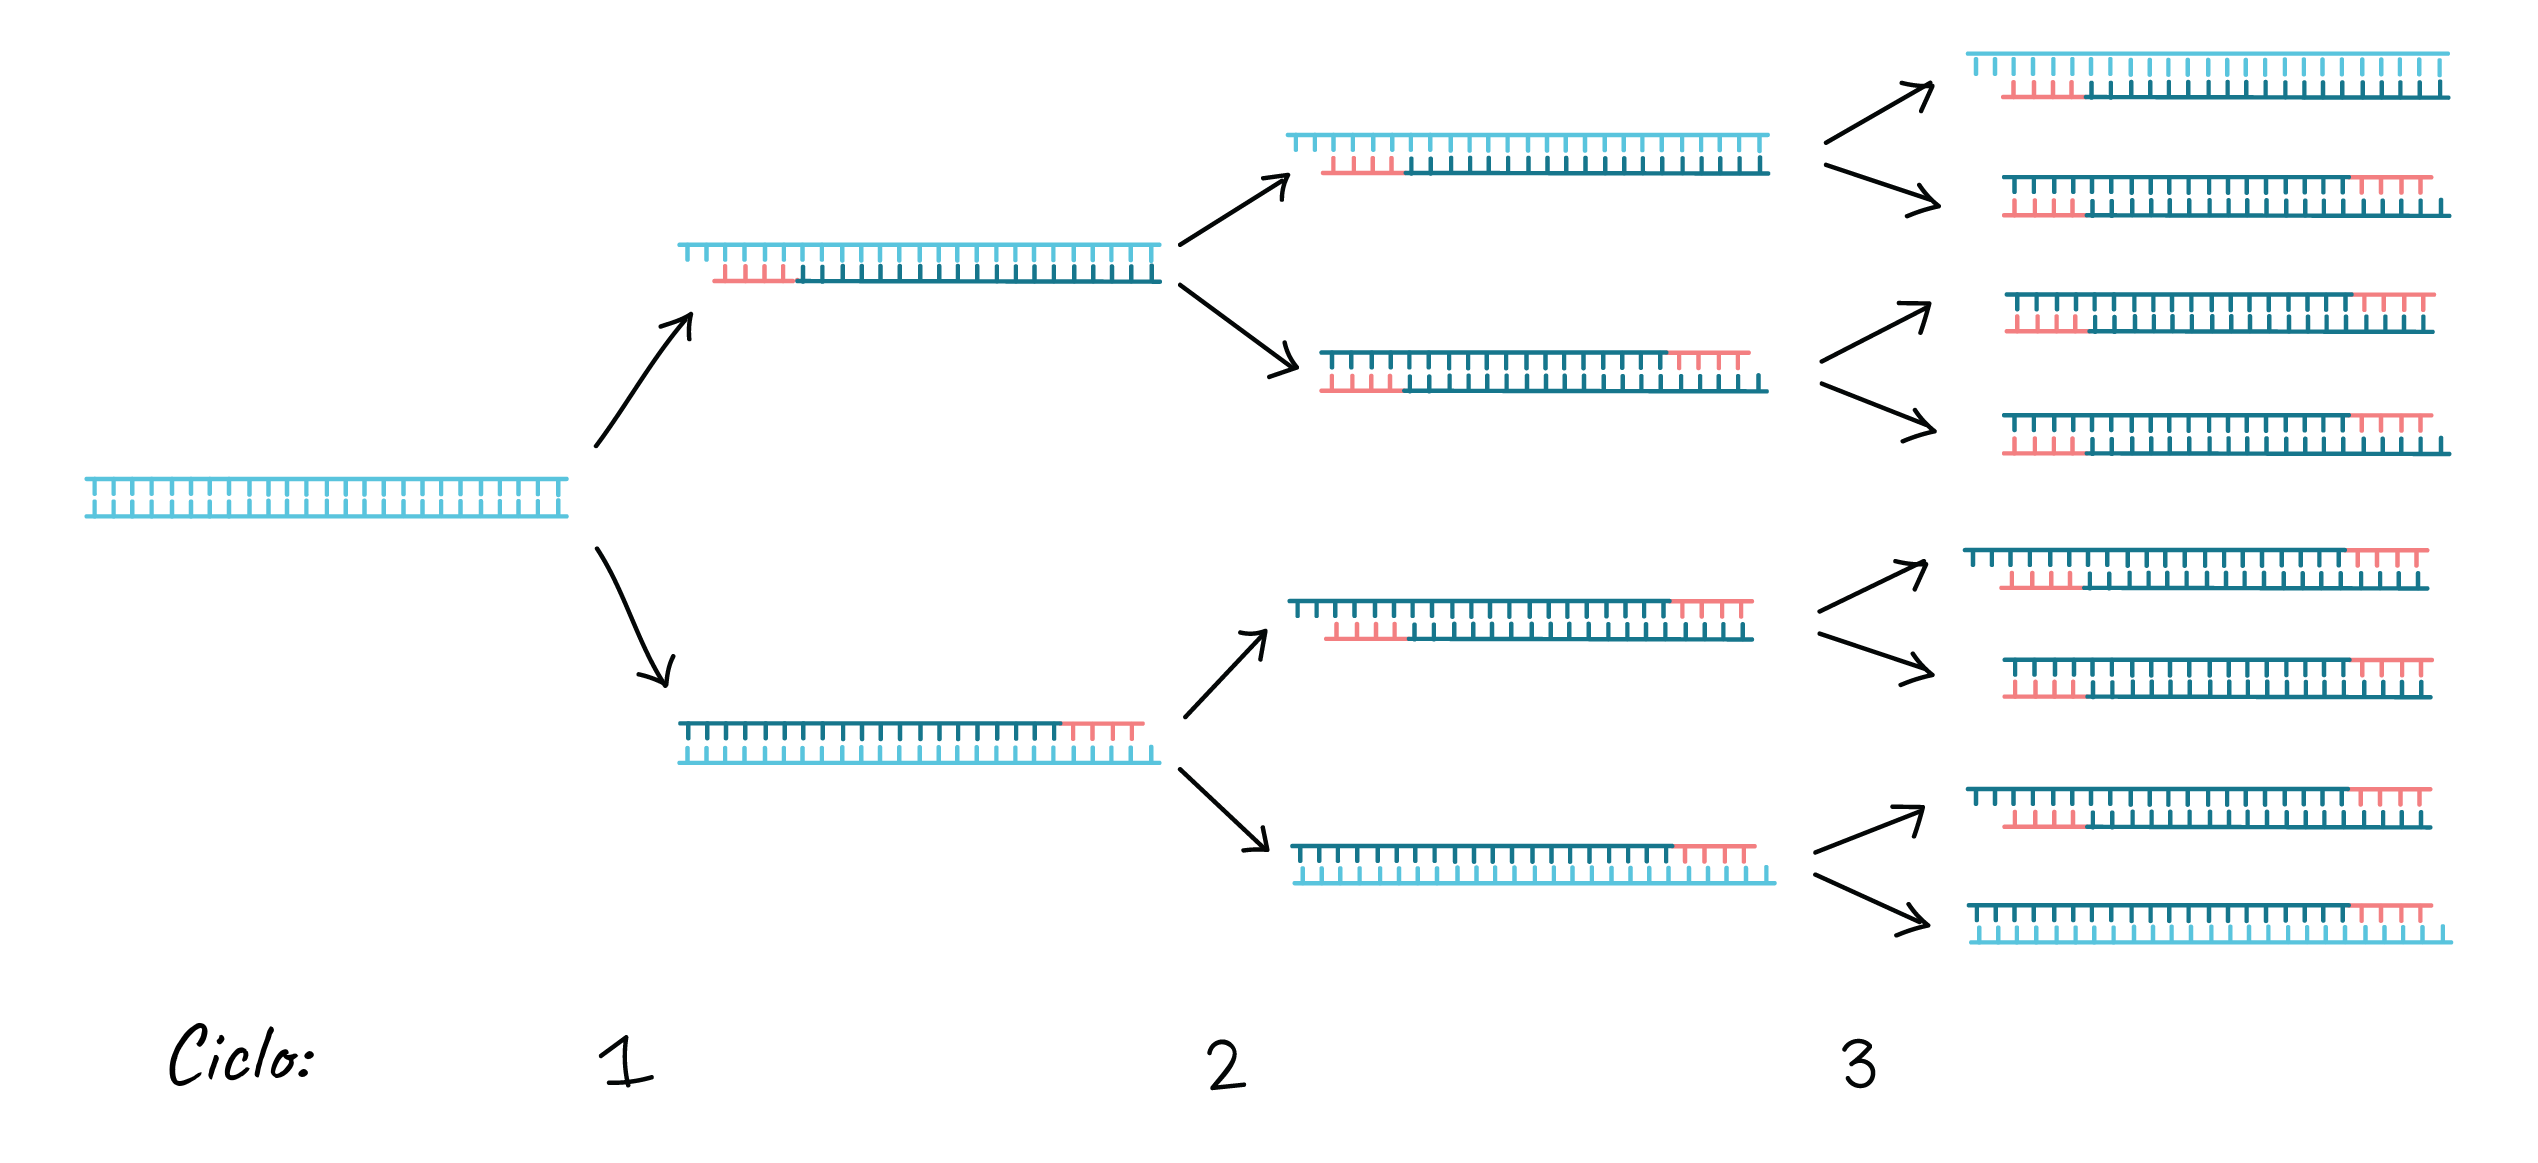 Reacción en cadena de la polimerasa (PCR) (artículo) | Khan Academy